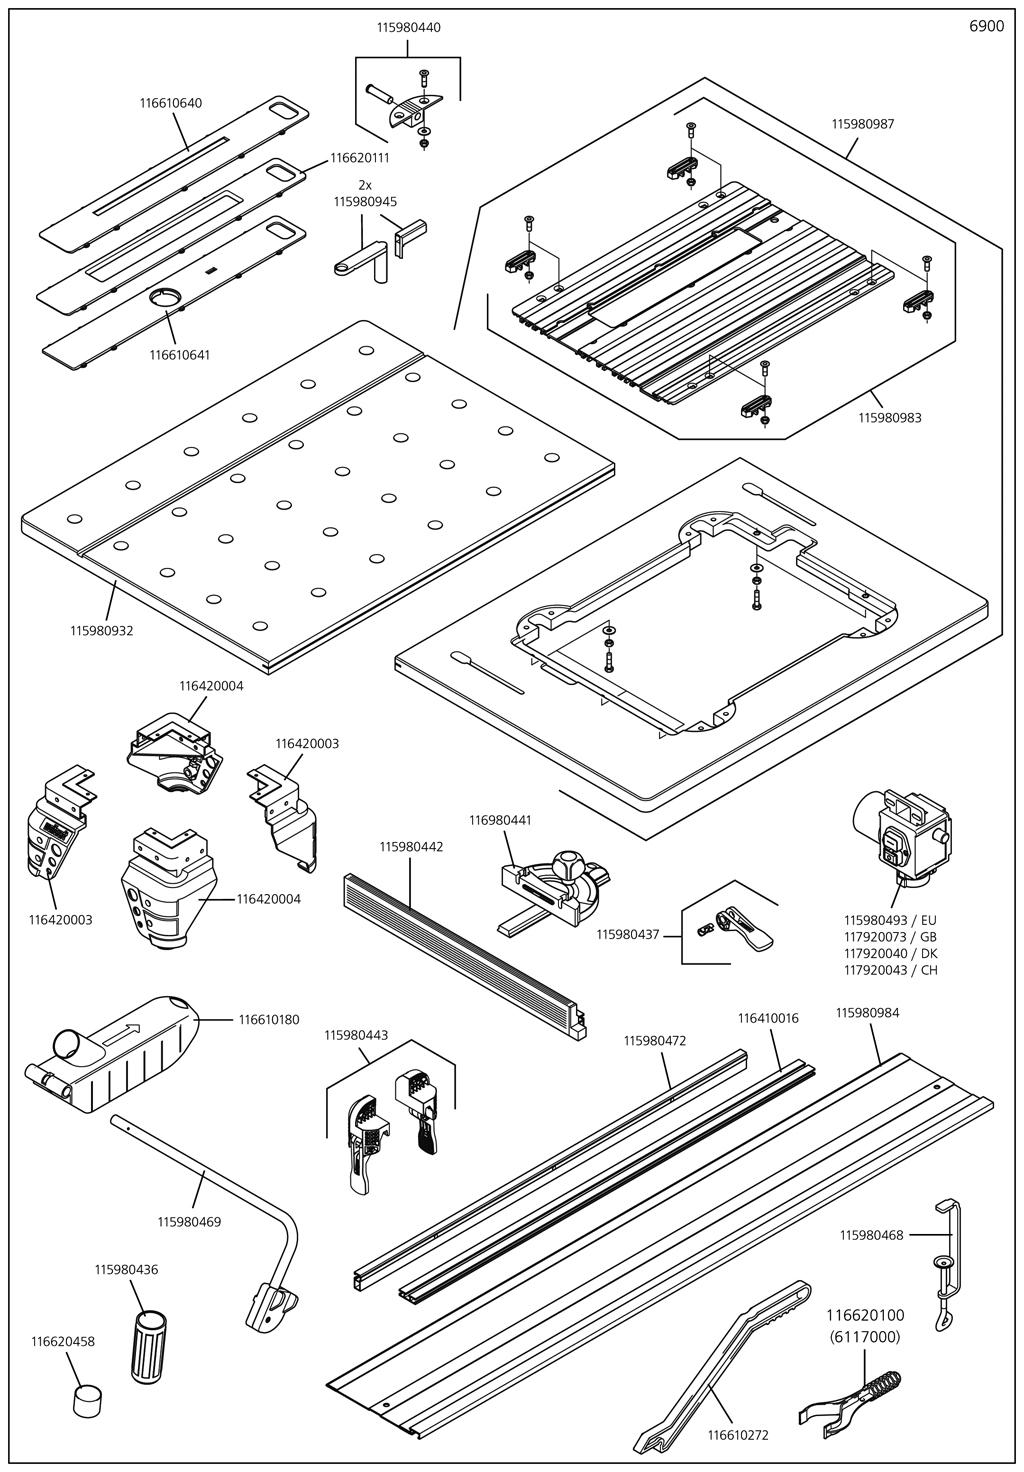 Náhradný diel Montážní skupina deska + stroj deska s hliníkovou lištu 6900(115980987) pro 6900000 Pracovní stůl Wolfcraft  MASTER cut 2000